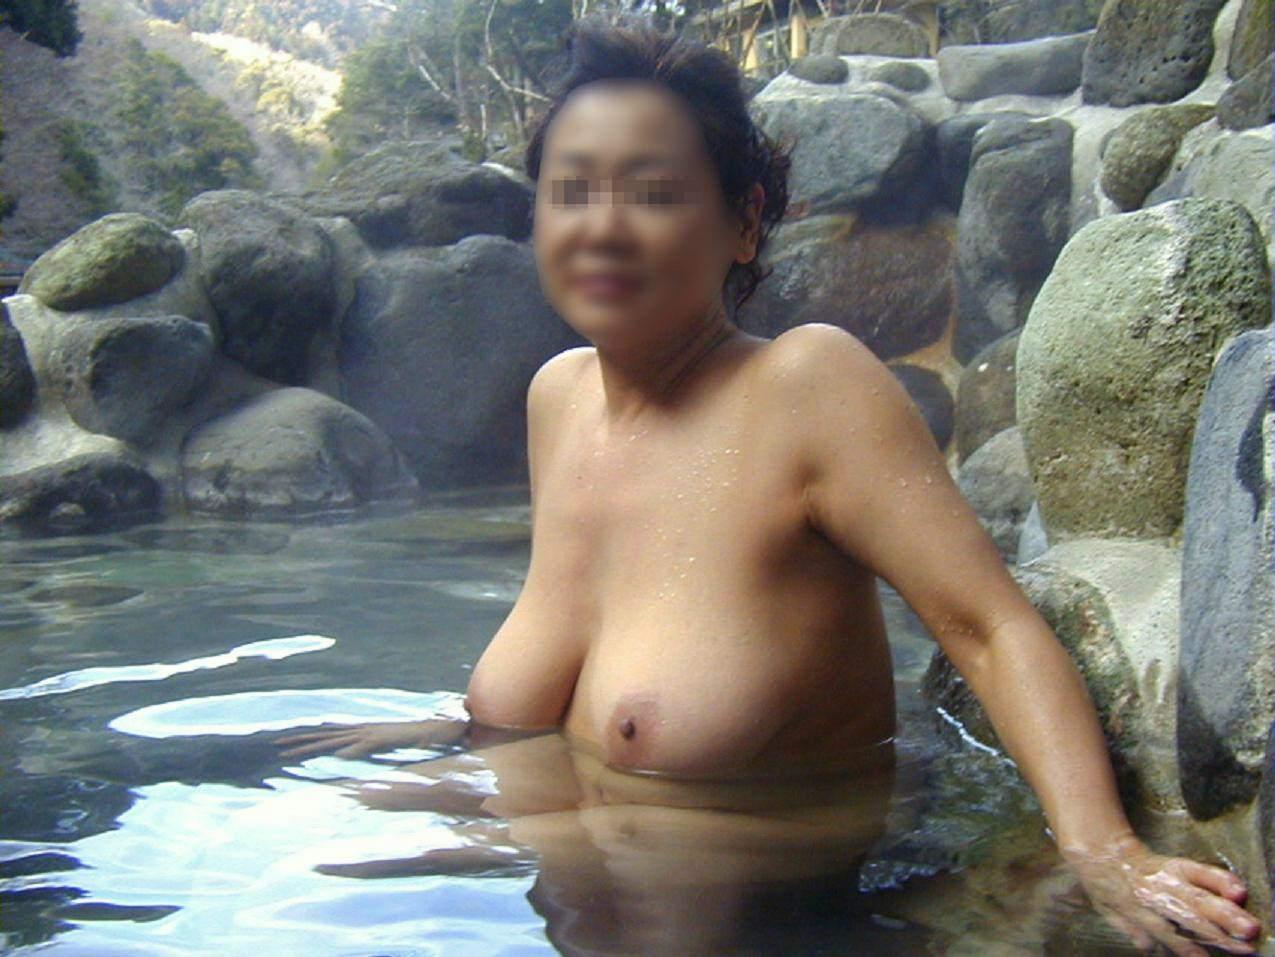 学生の頃付き合ってた人妻と不倫旅行で温泉行った時の素人エロ画像晒すwwww 2811